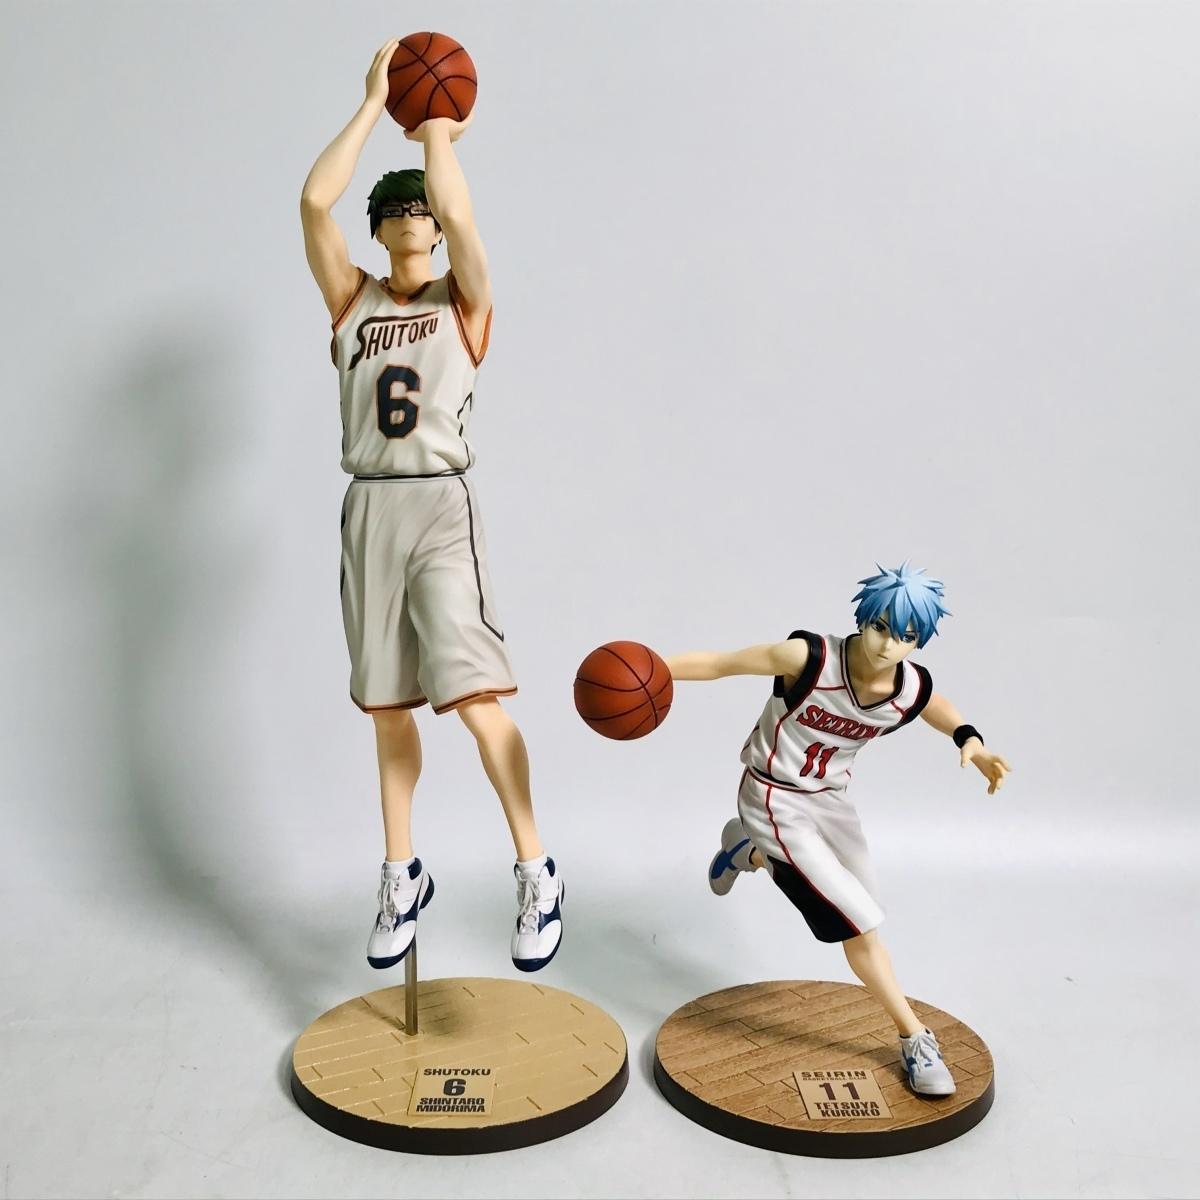 中古品 メガハウス 黒子のバスケ フィギュアシリーズ 黒子テツヤ 緑間真太郎 セット_画像1